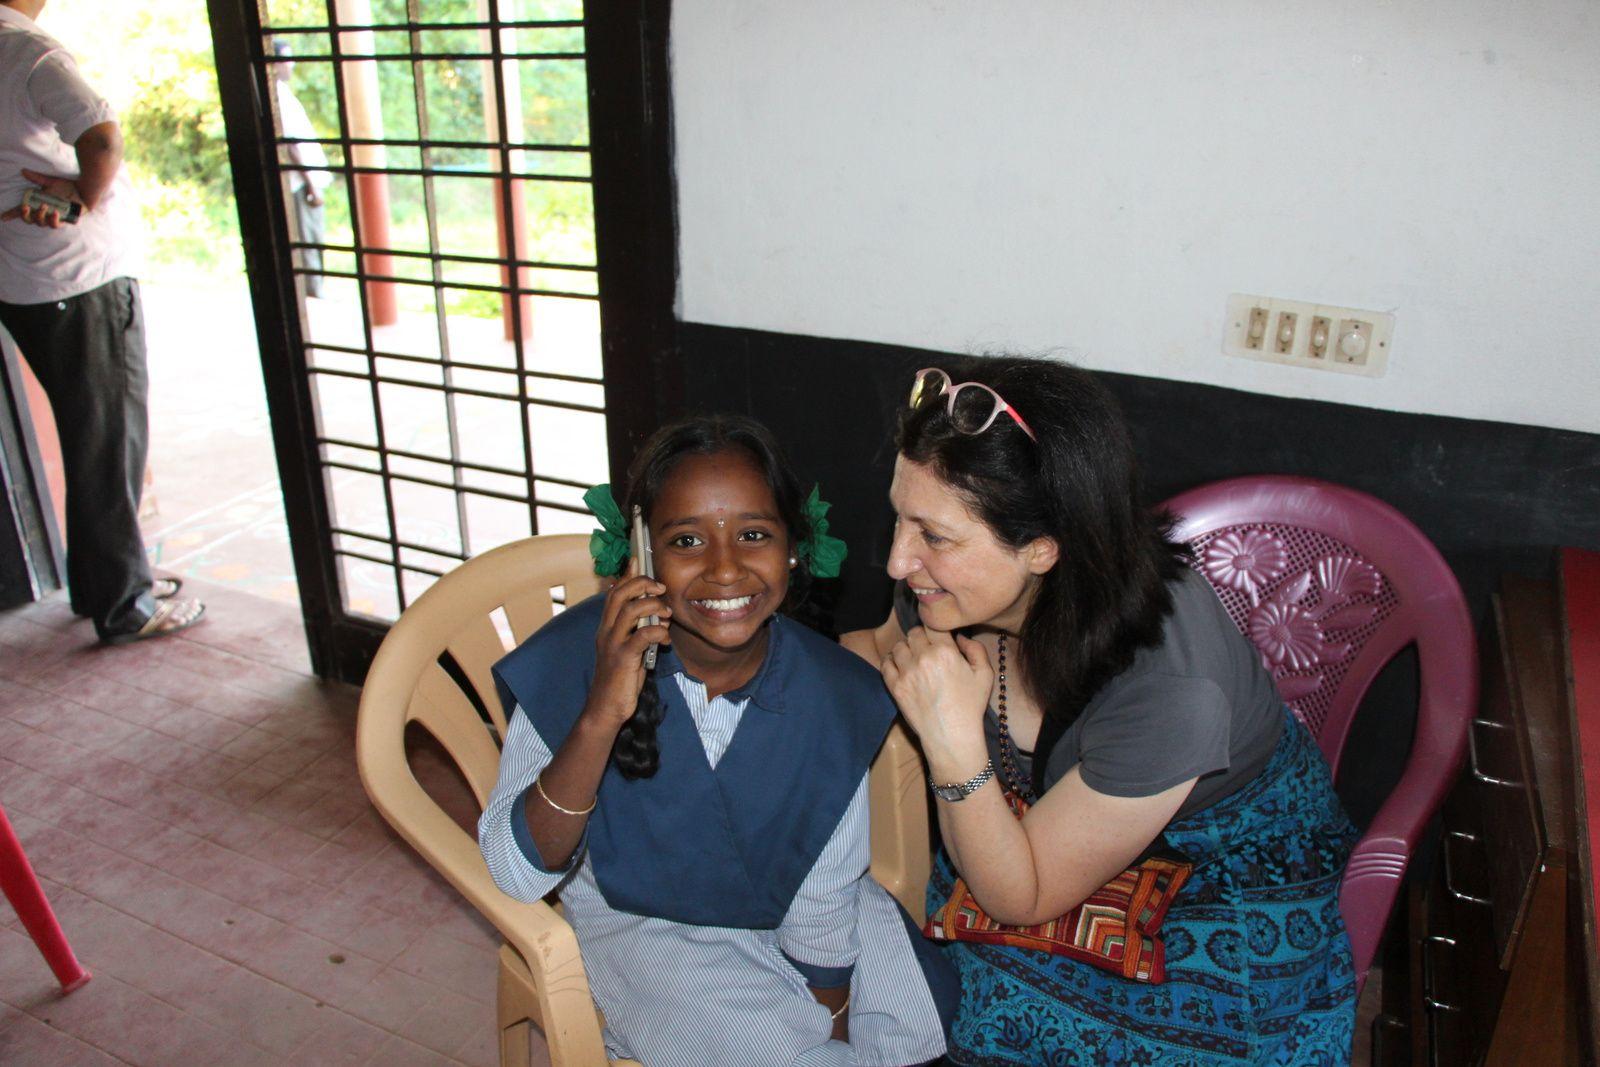 Malathi et eMmA MessanA à Apres School près de Pondichéry, février 2017